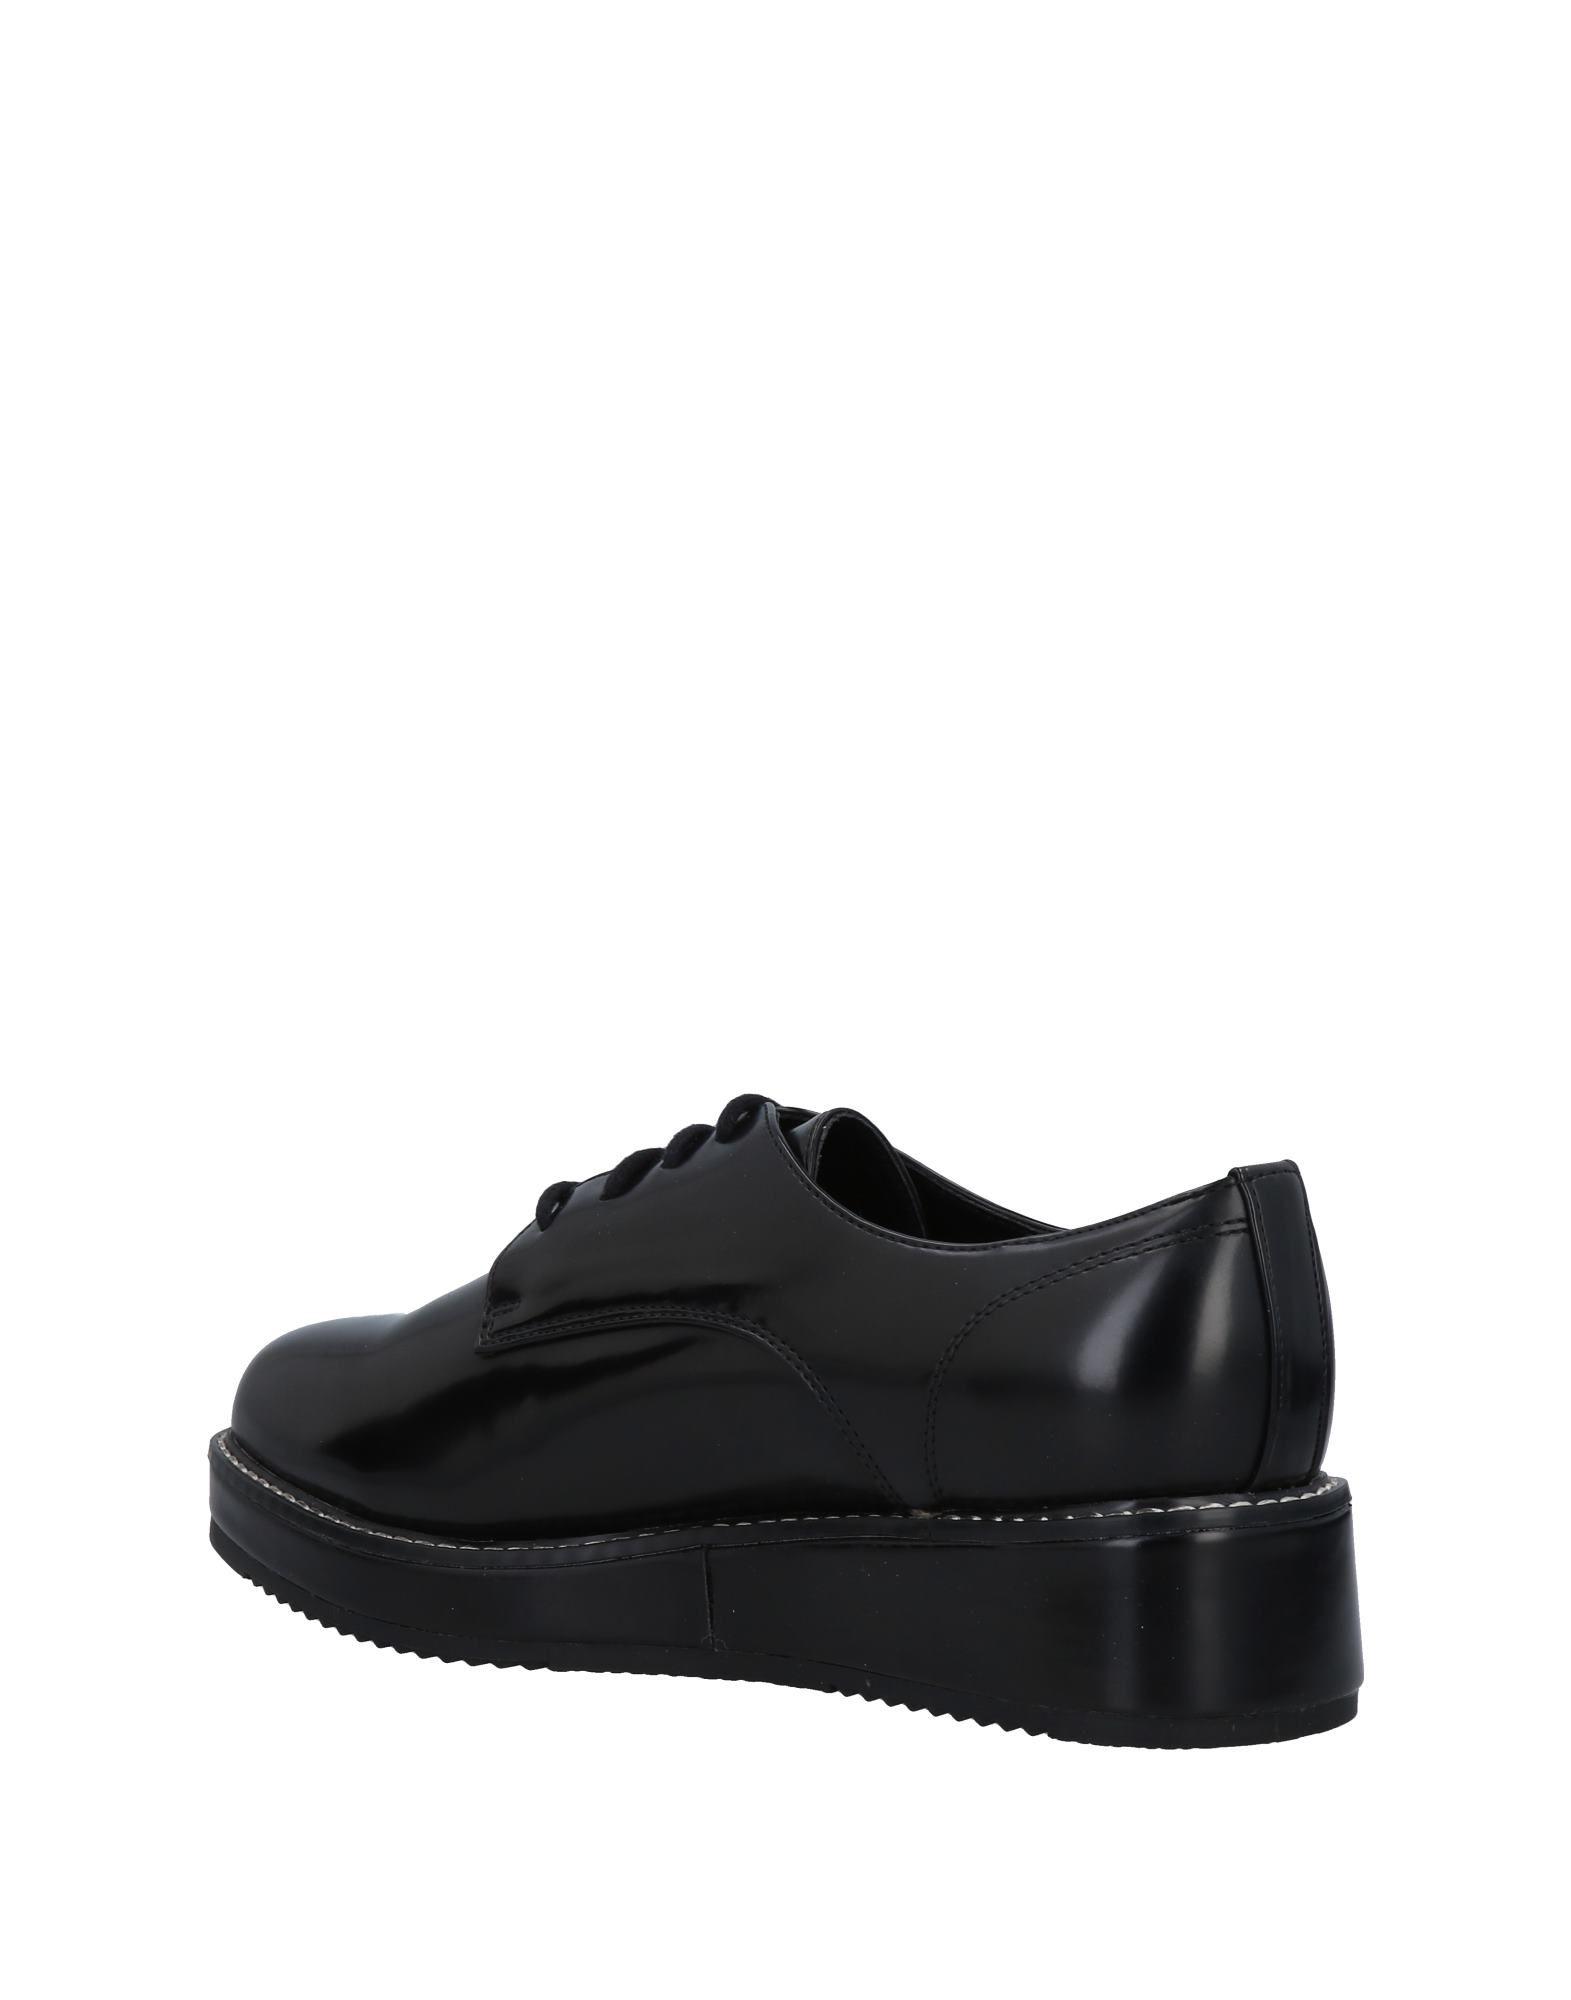 Emanuélle Vee Schnürschuhe Damen  11492652SG Gute Qualität beliebte Schuhe